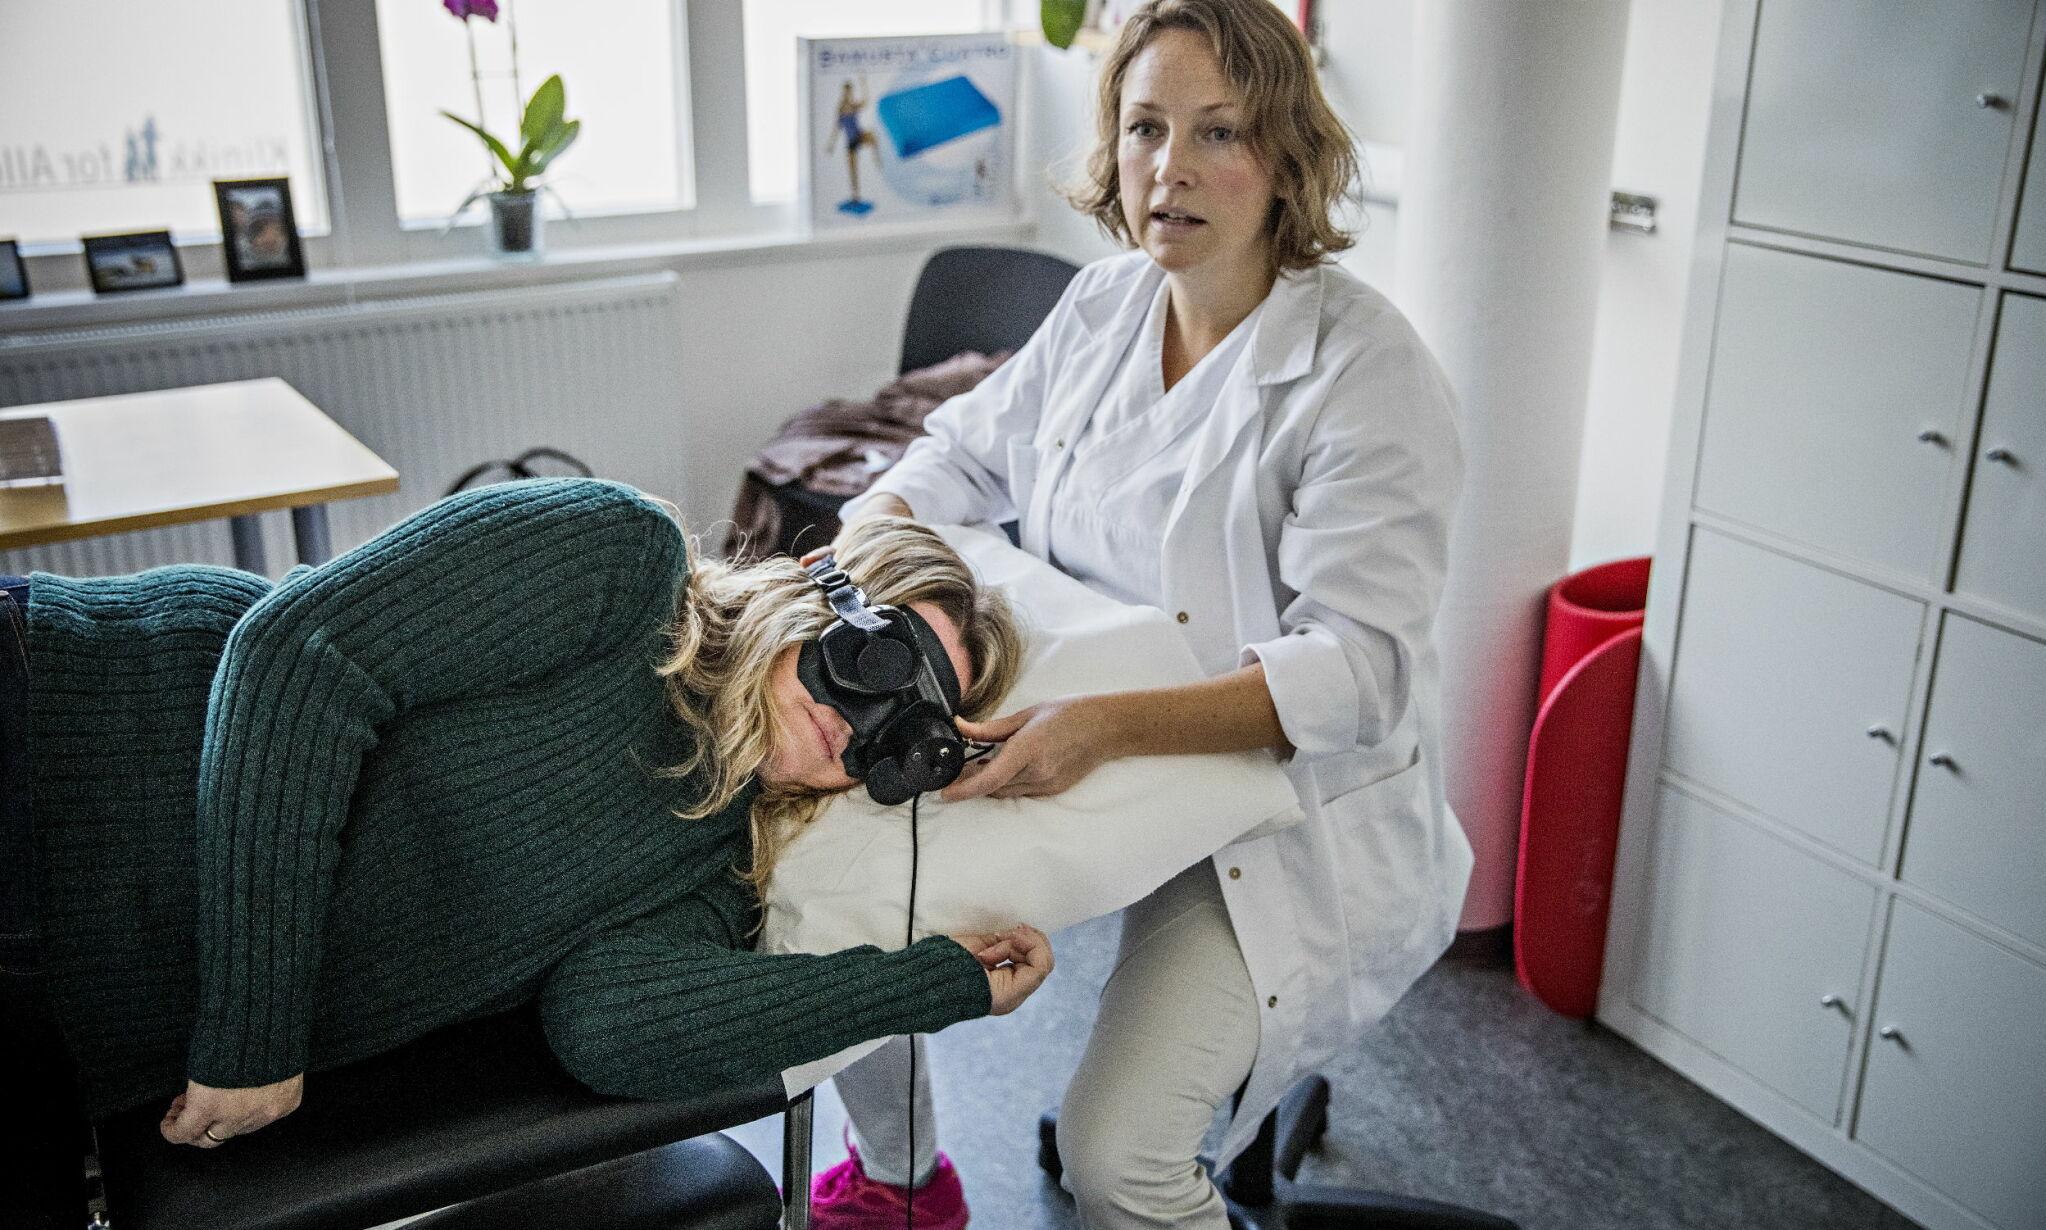 BEHANDLING: Birgit Øygard (46) reiser til Oslo utelukkende for behandling, ofte flere ganger i måneden. Det blir dyrt i lengden, når hun må betale av egen lomme. Foto: Jørn H Moen / Dagbladet